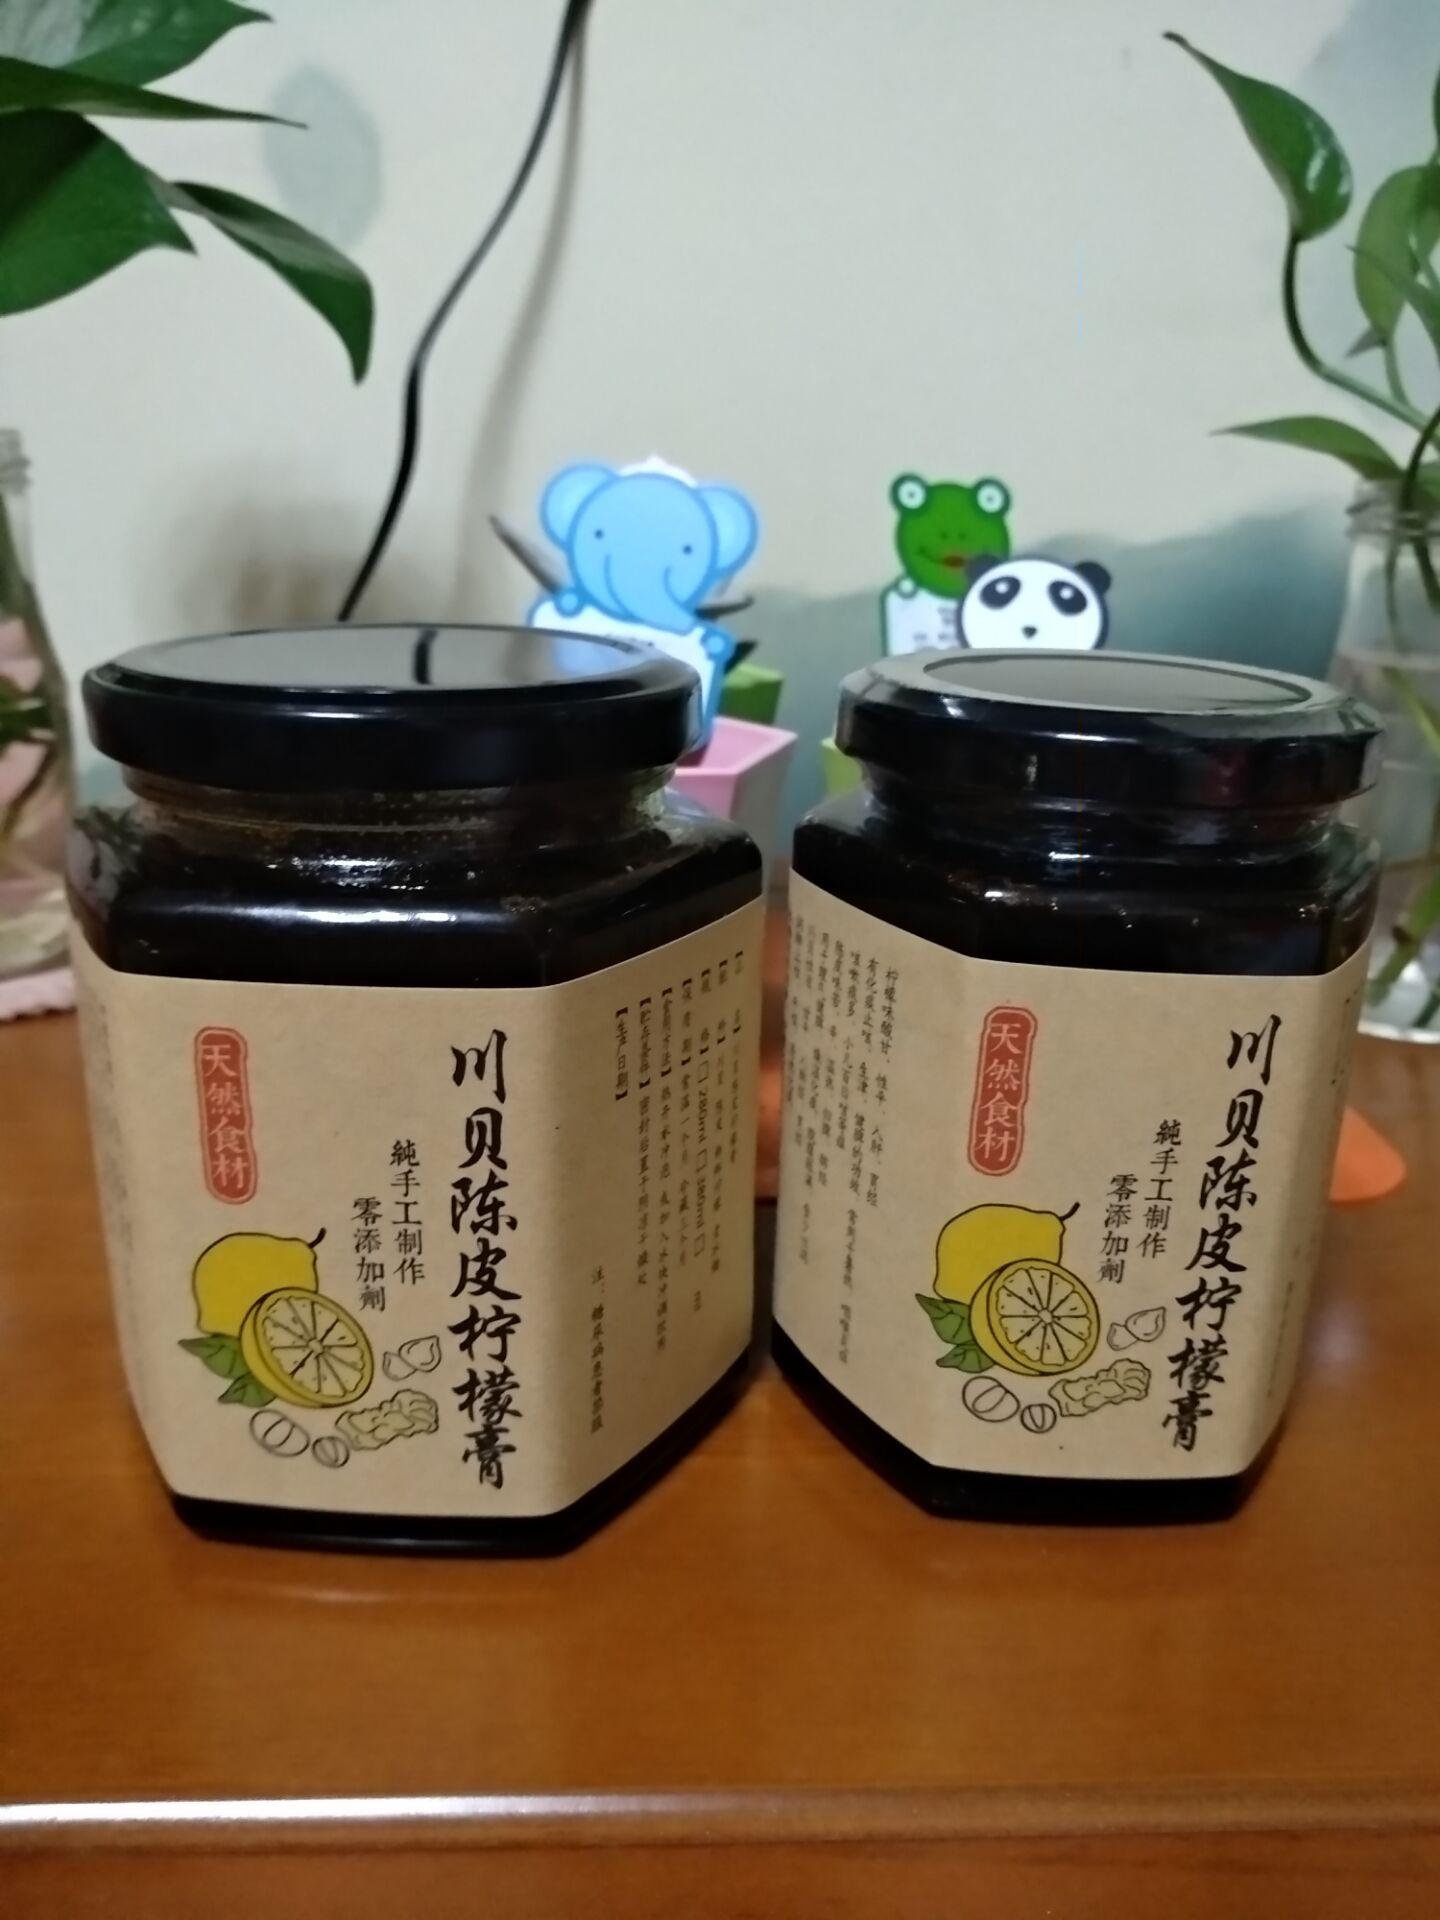 瓶送蜂蜜 2 包邮 380G 养生茶 冰糖柠檬膏 川贝陈皮柠檬膏纯手工熬制